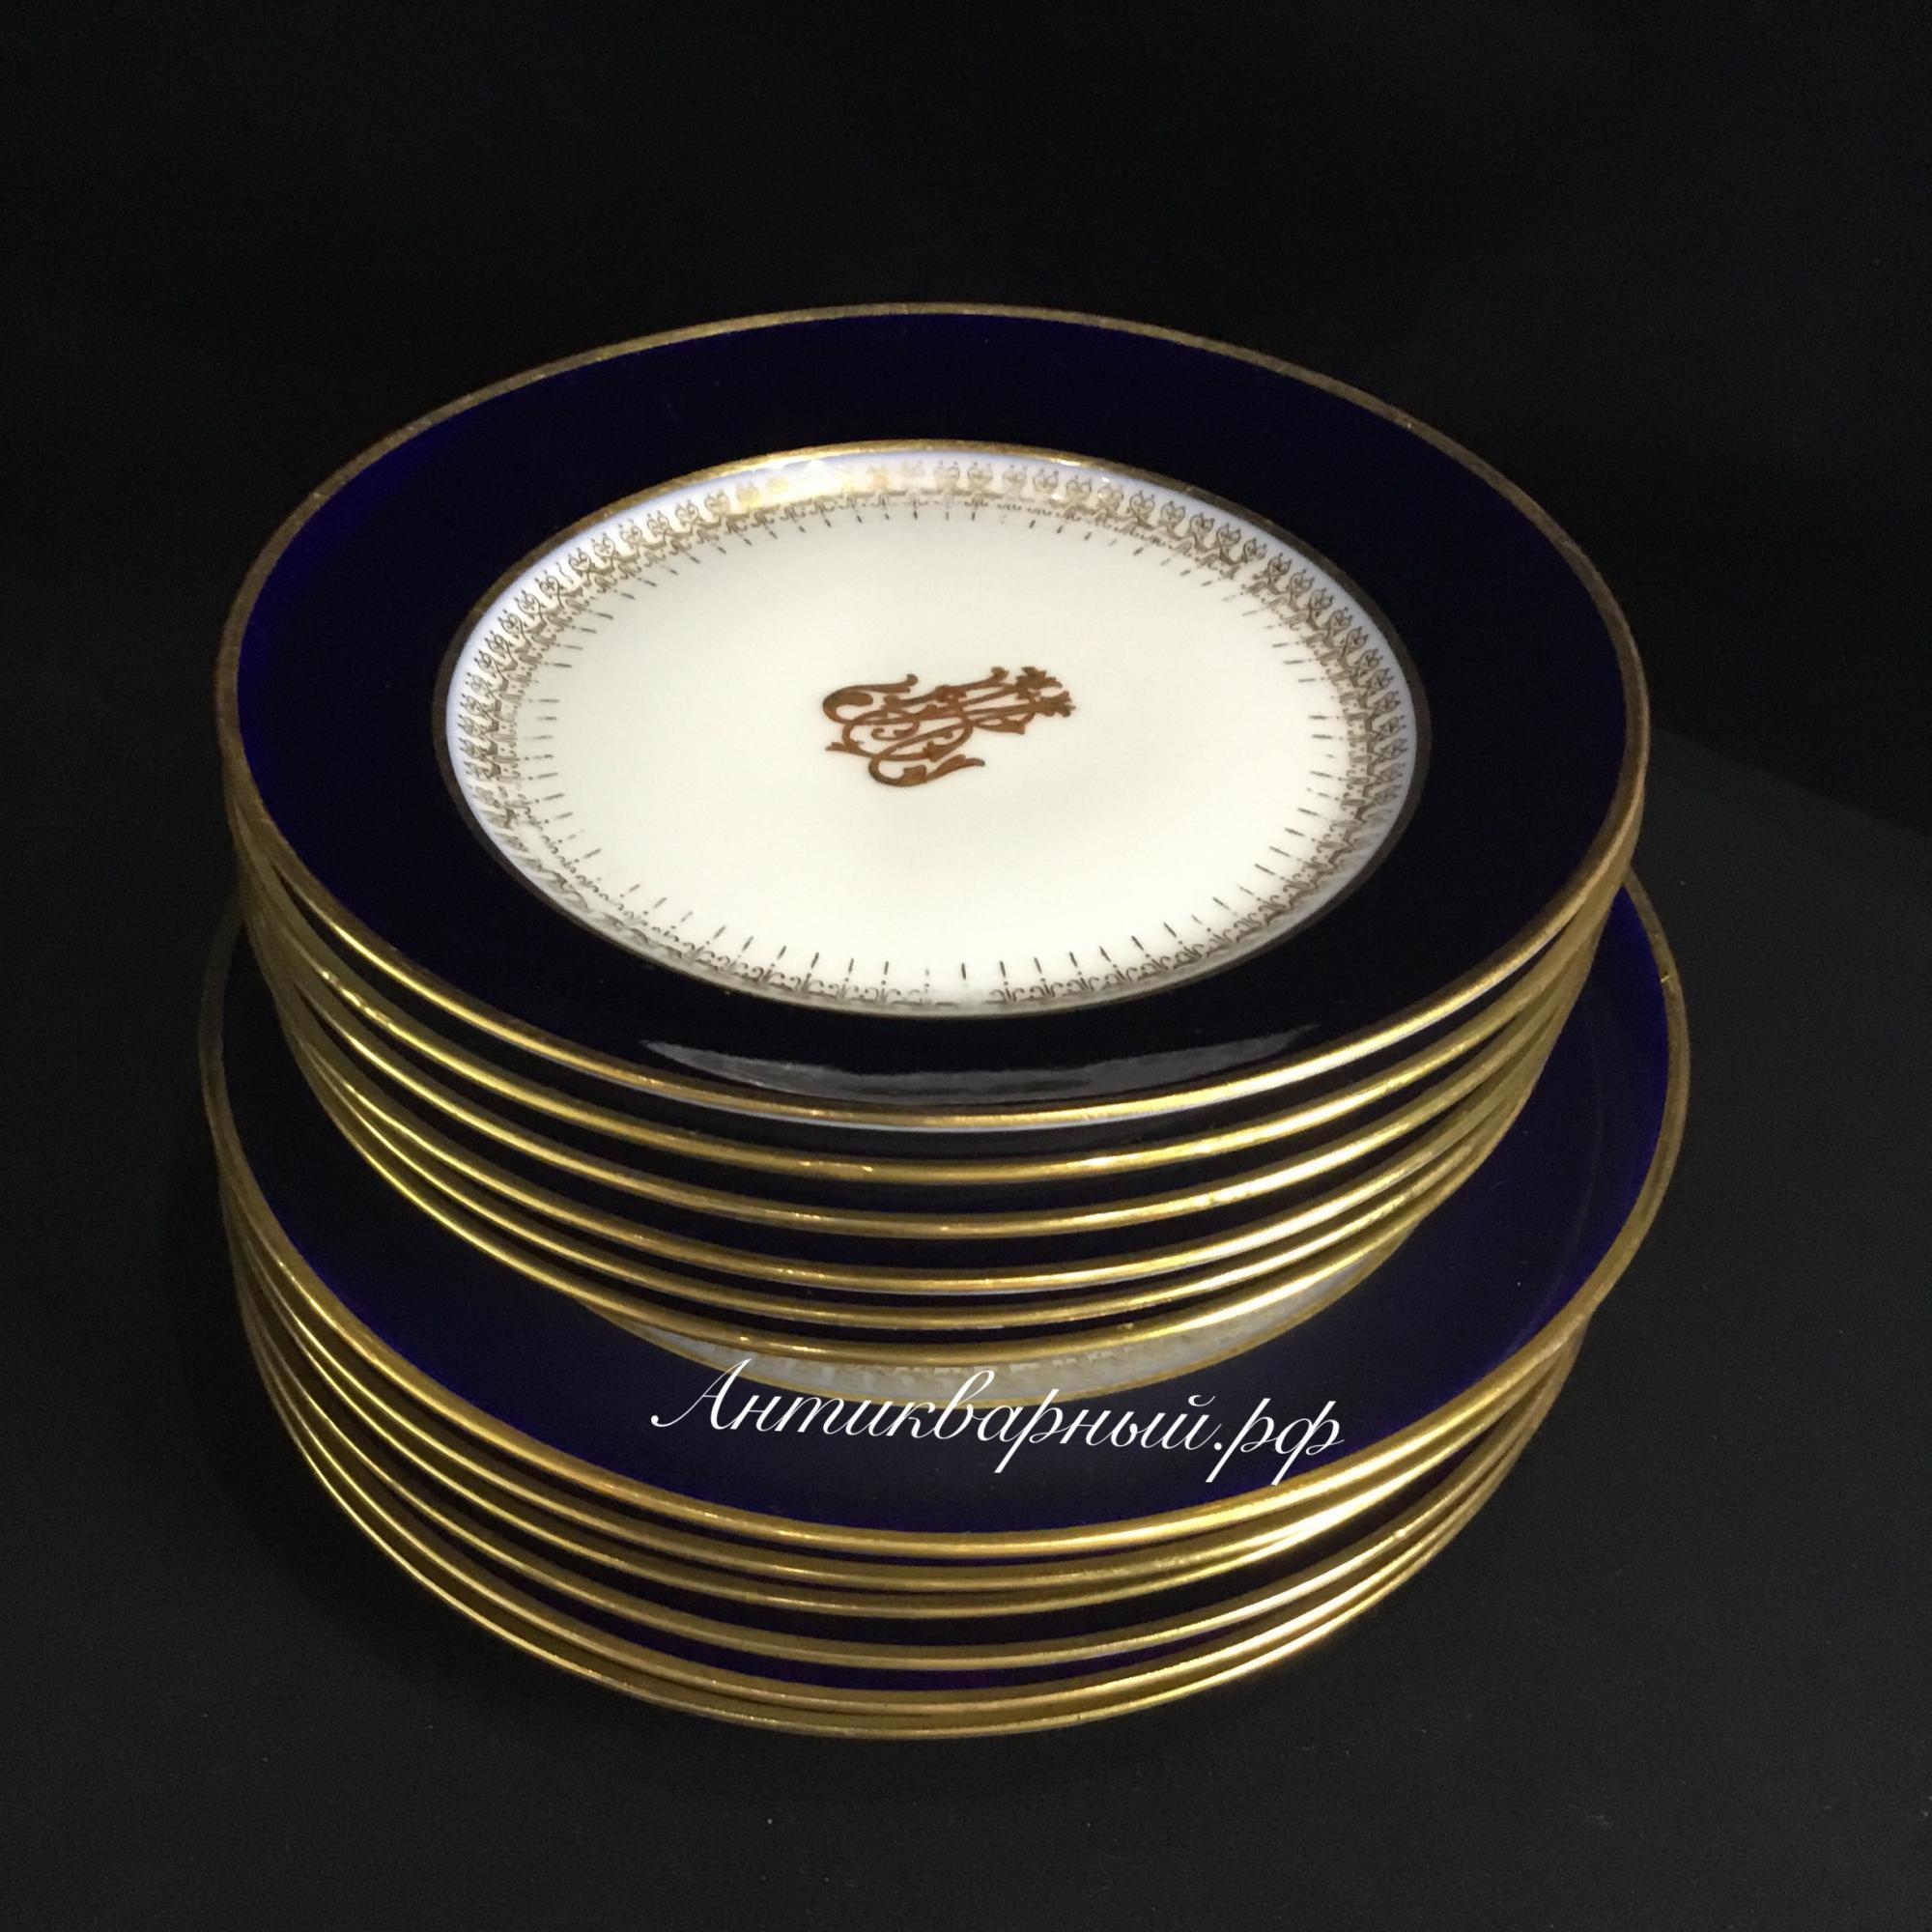 Фарфоровые тарелки. Кобальт с золотом. Кузнецов.